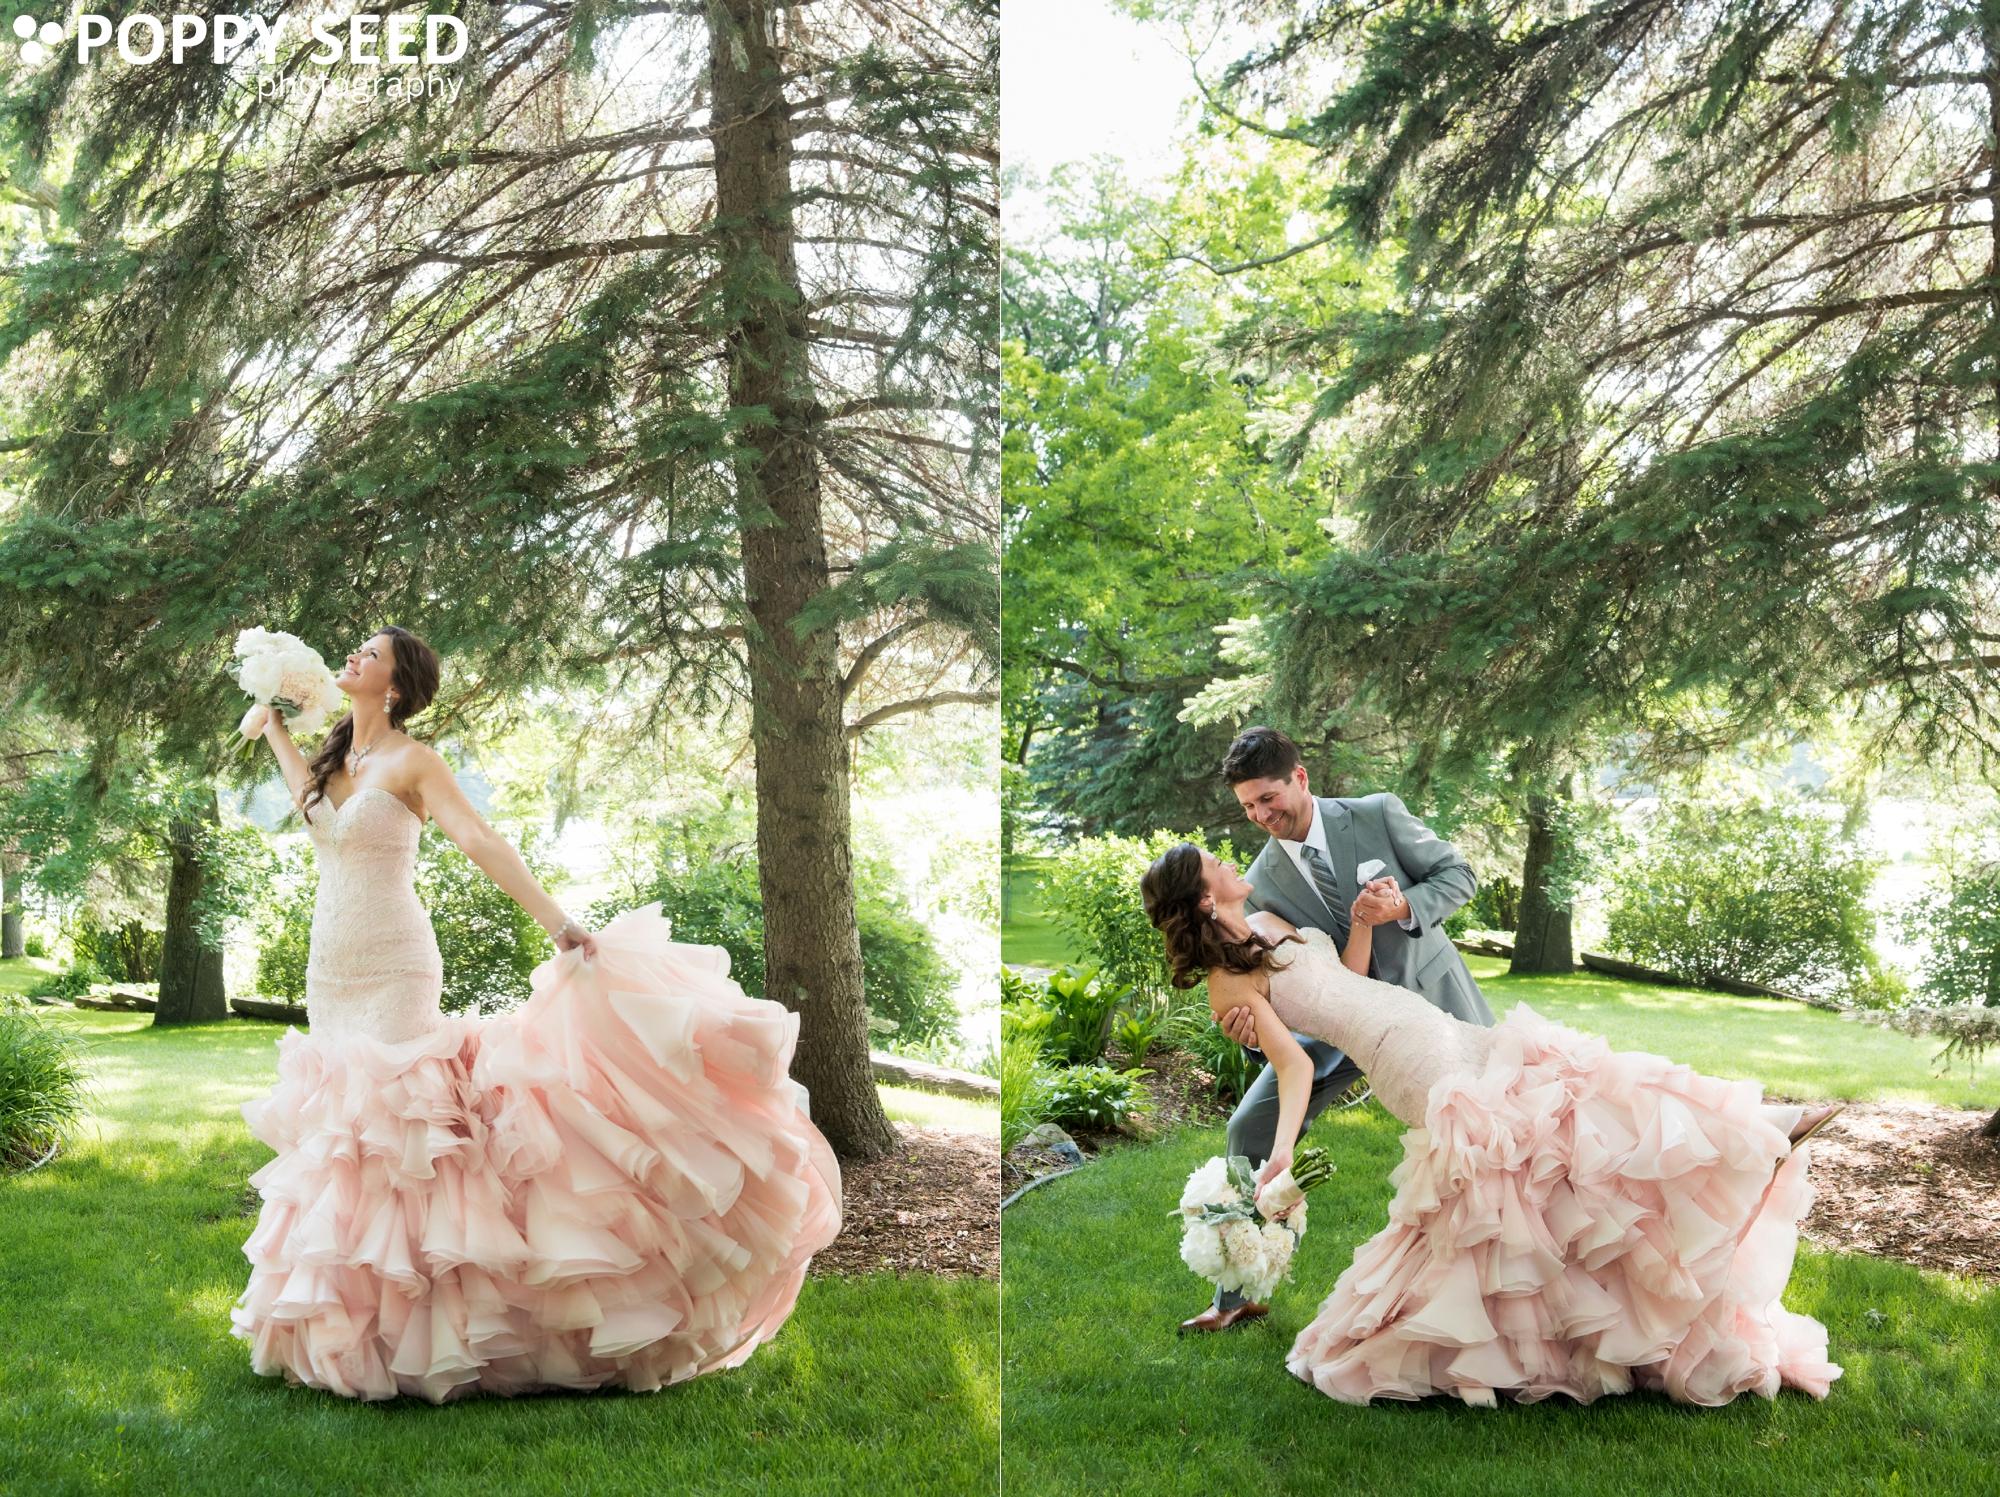 TheChartHouse_Lakeville__PoppySeedPhotography_Wedding_0044.jpg